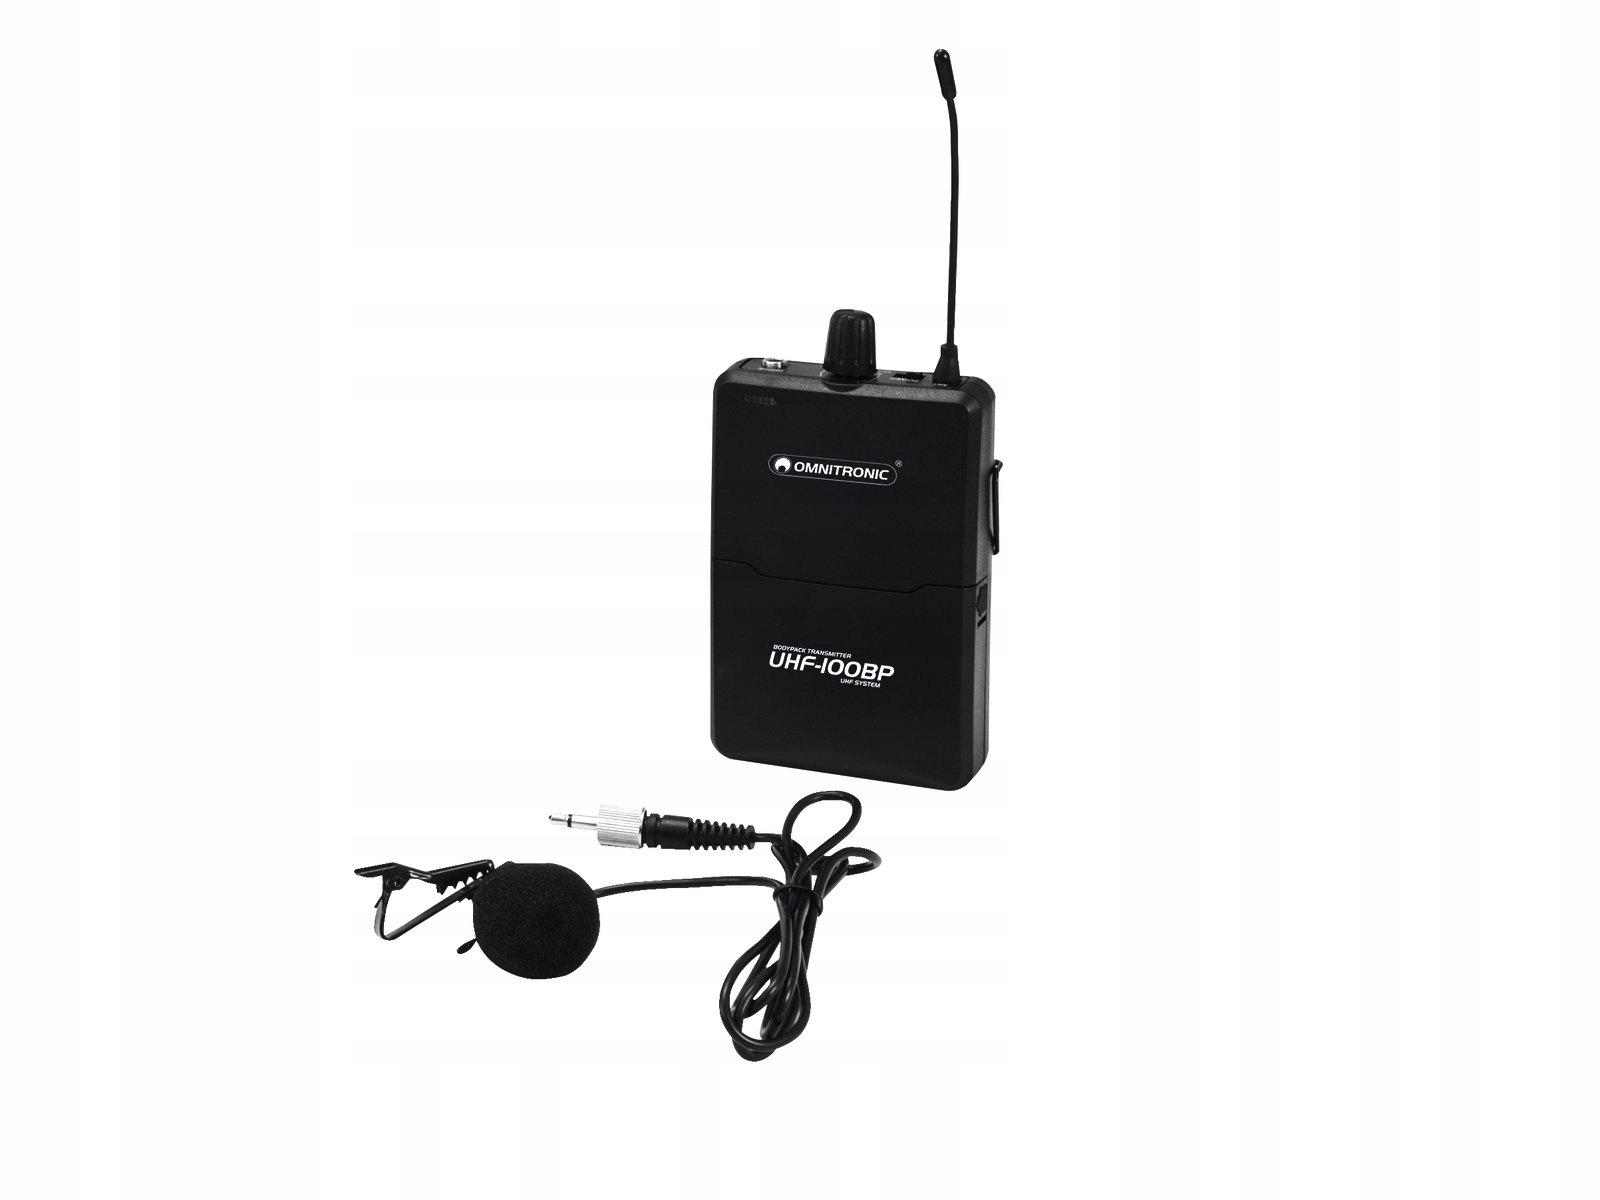 Omnitronic UHF-100 BP BodyPack / Vysielač 823.5MHz